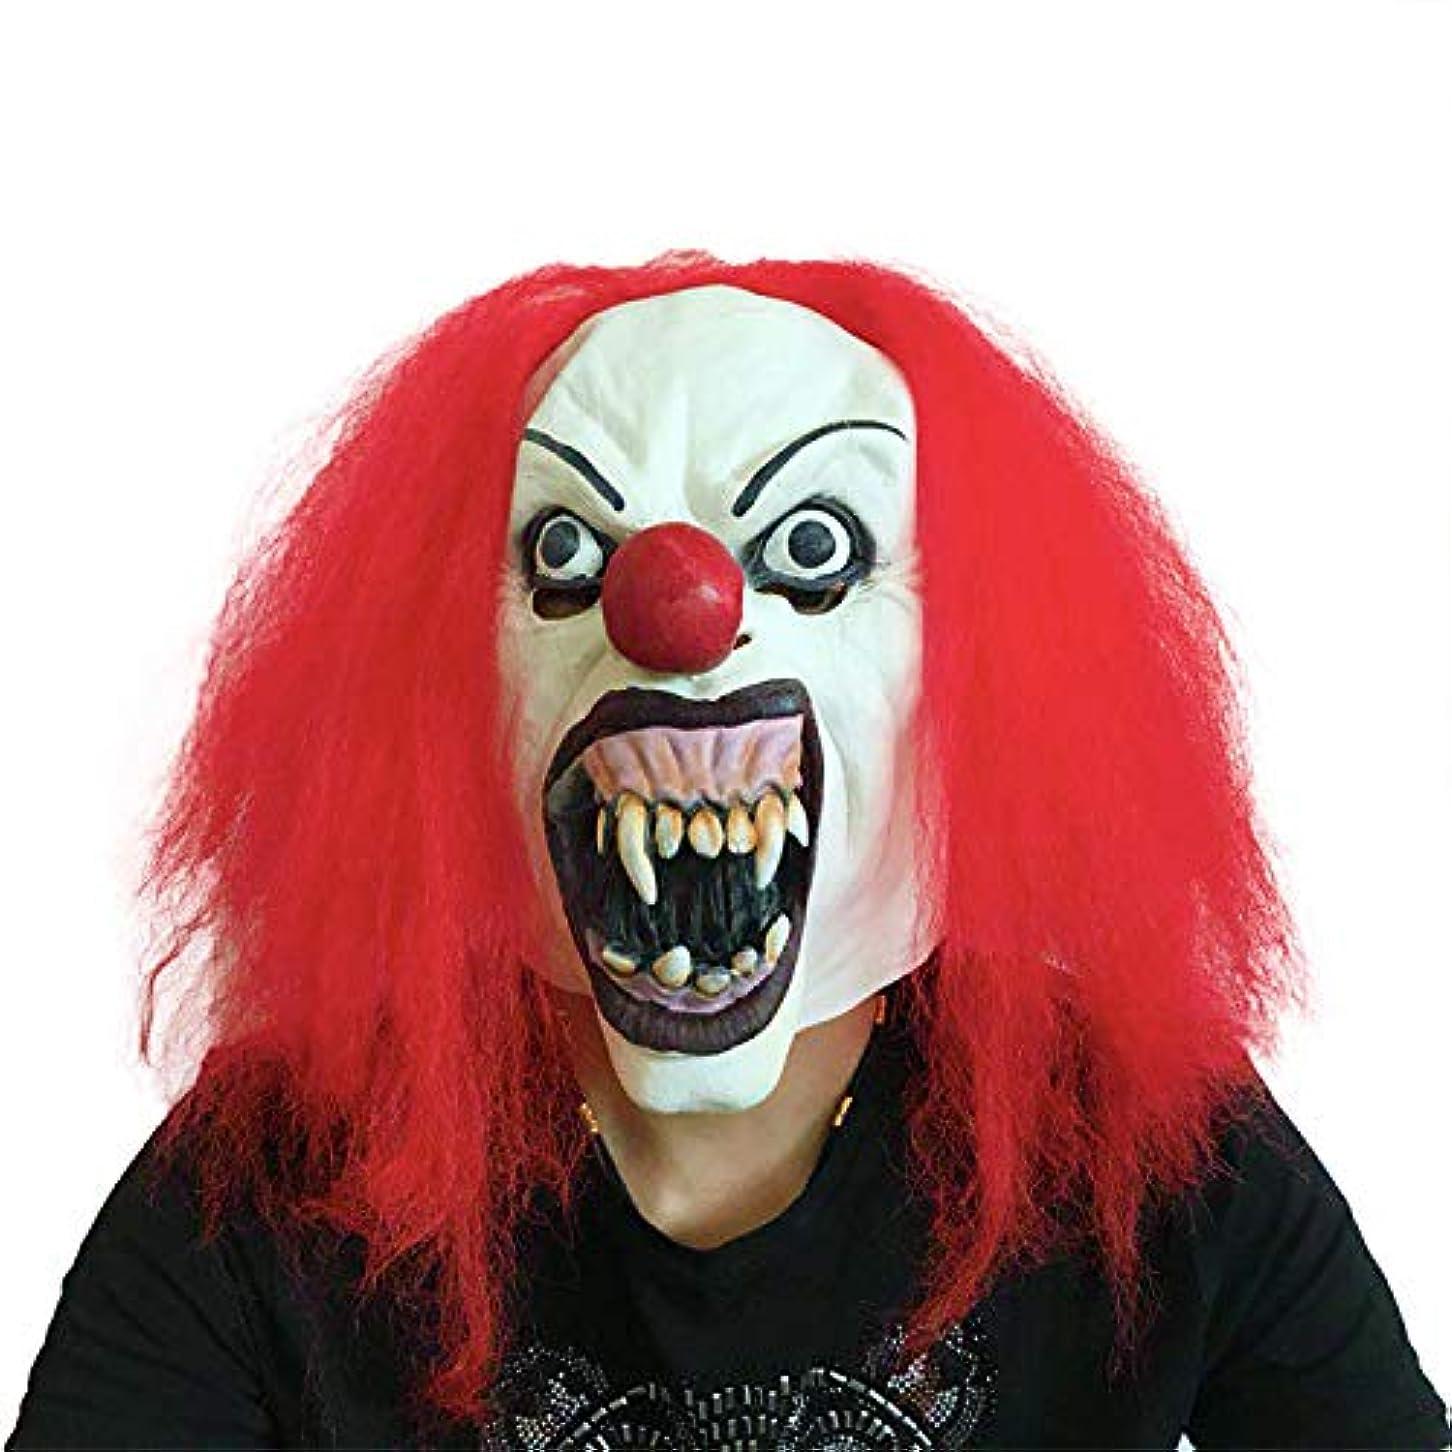 代理店鹿自伝ハロウィーン仮装パフォーマンスをマスクおかしいピエロは、スプーフィング赤毛の幽霊を怖い小道具ショー